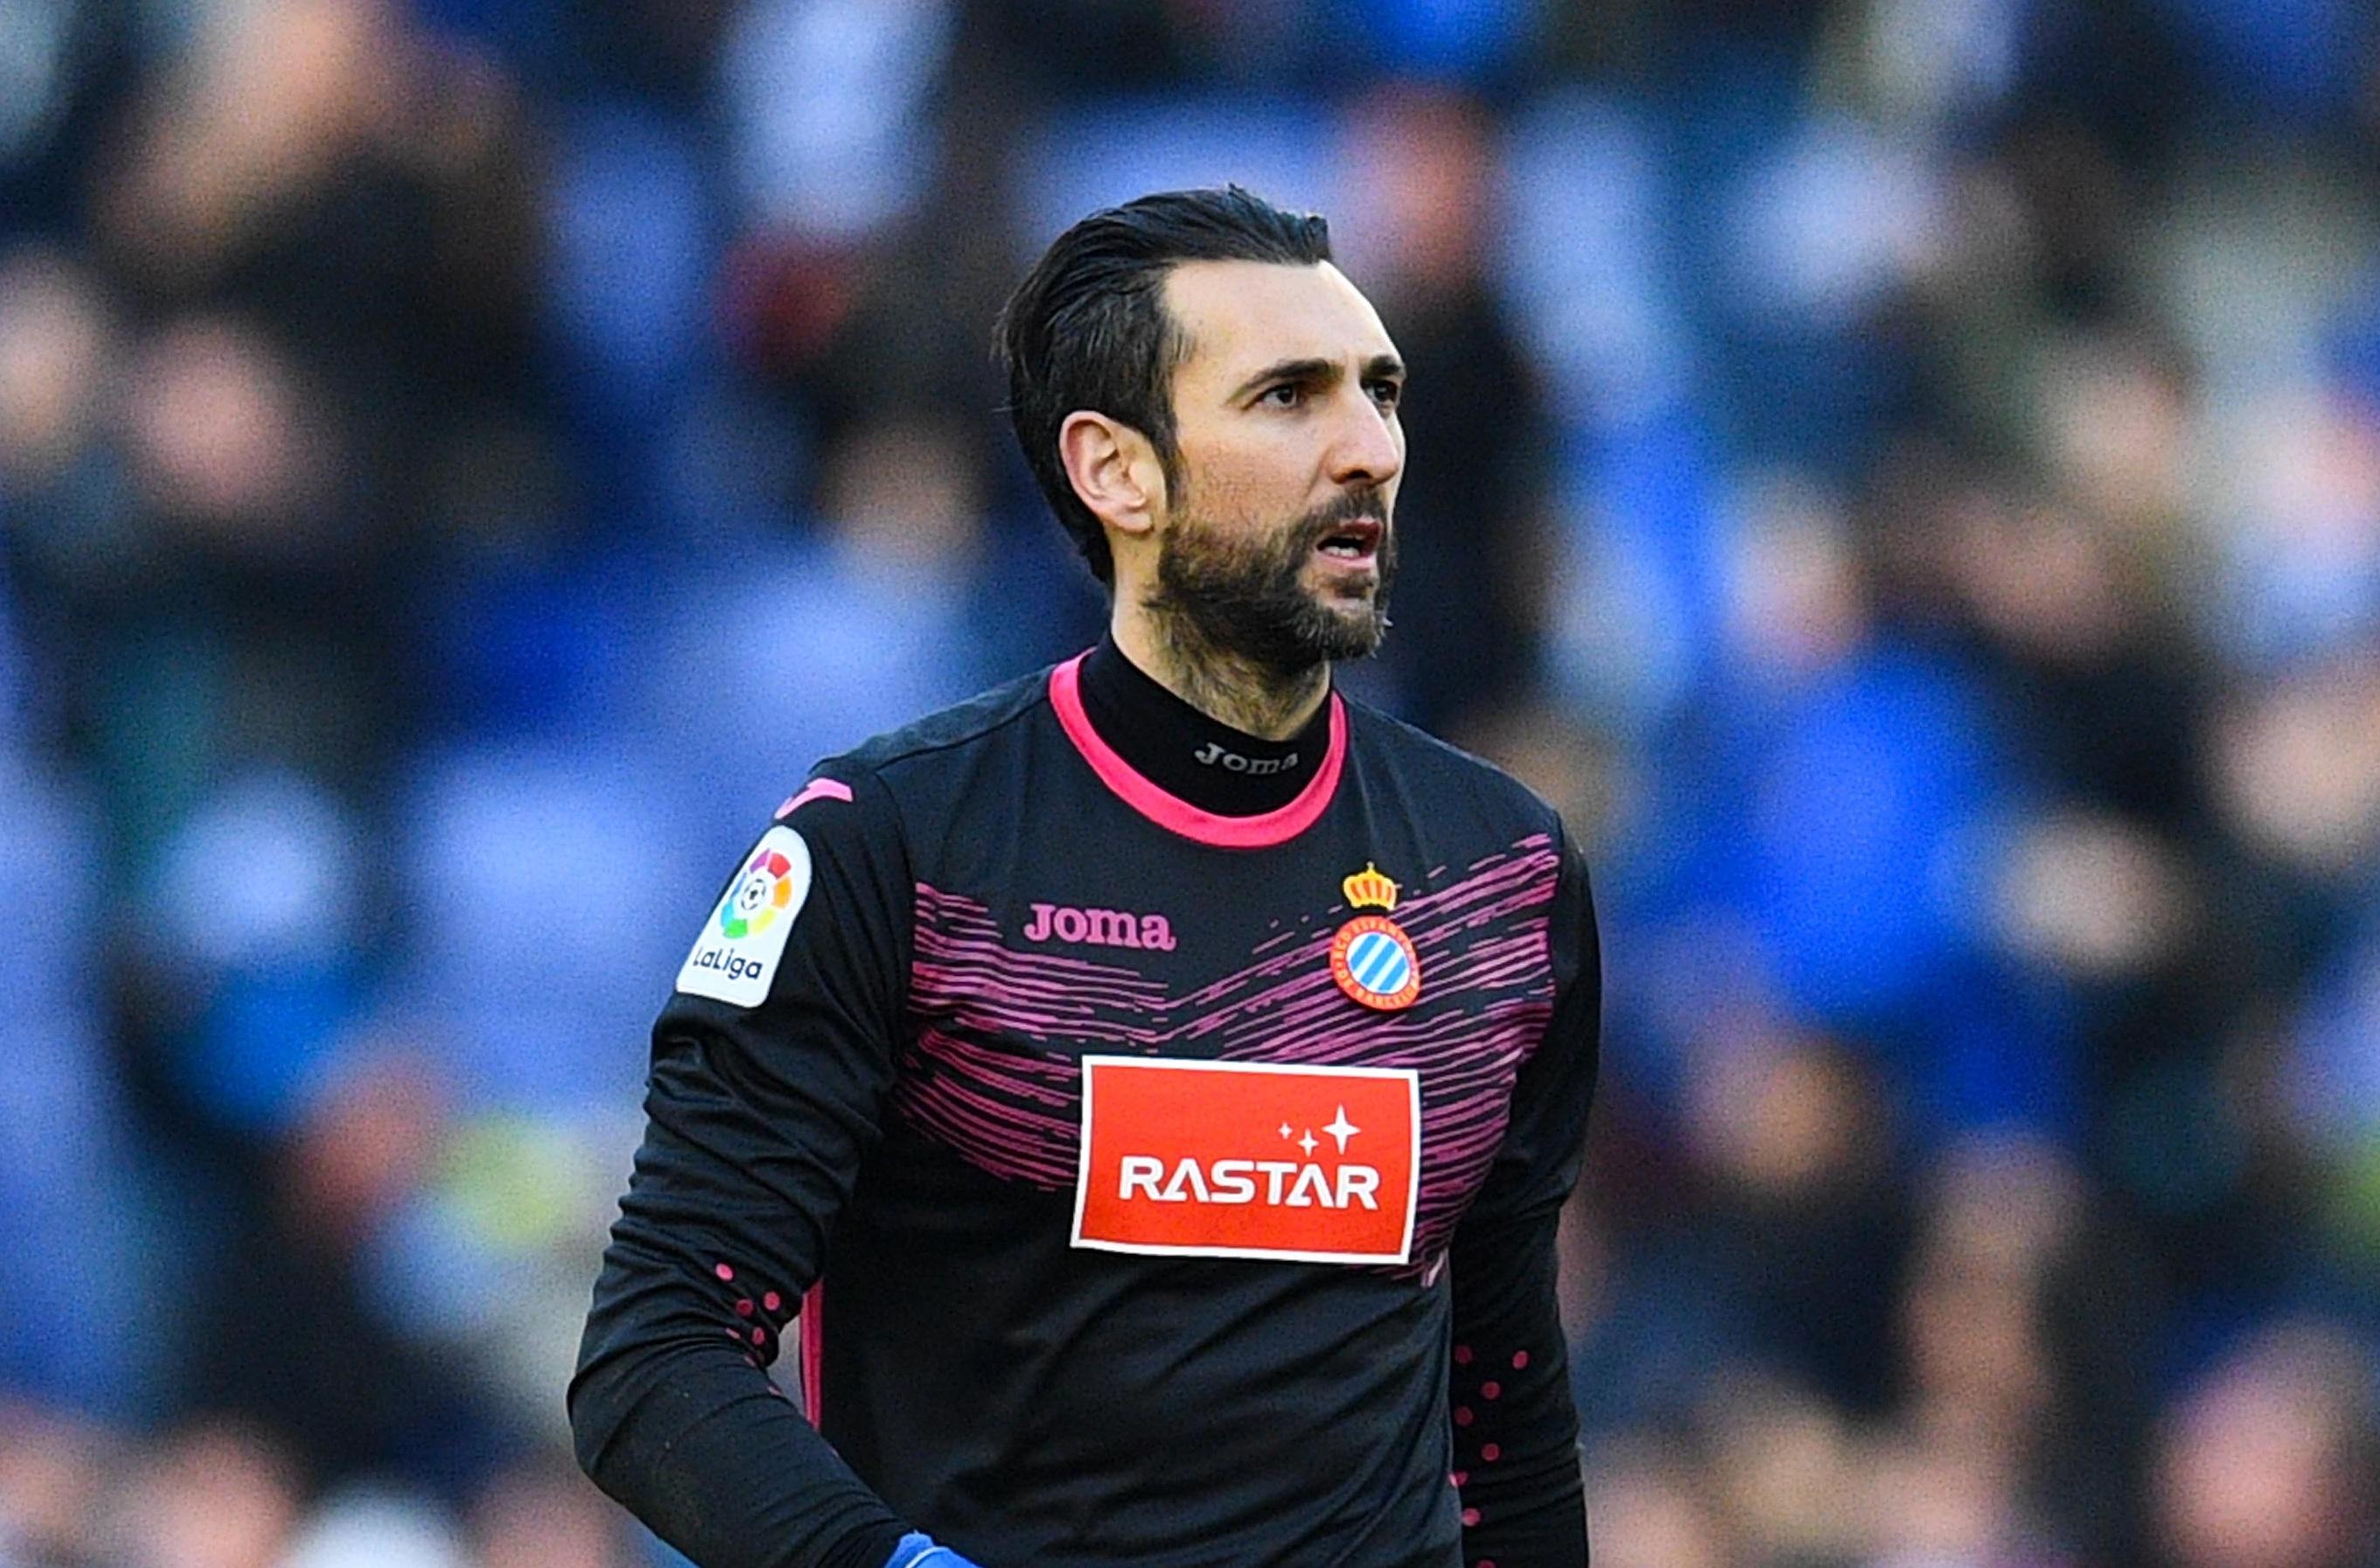 2017-02-19 Diego LOPEZ ESPANYOL